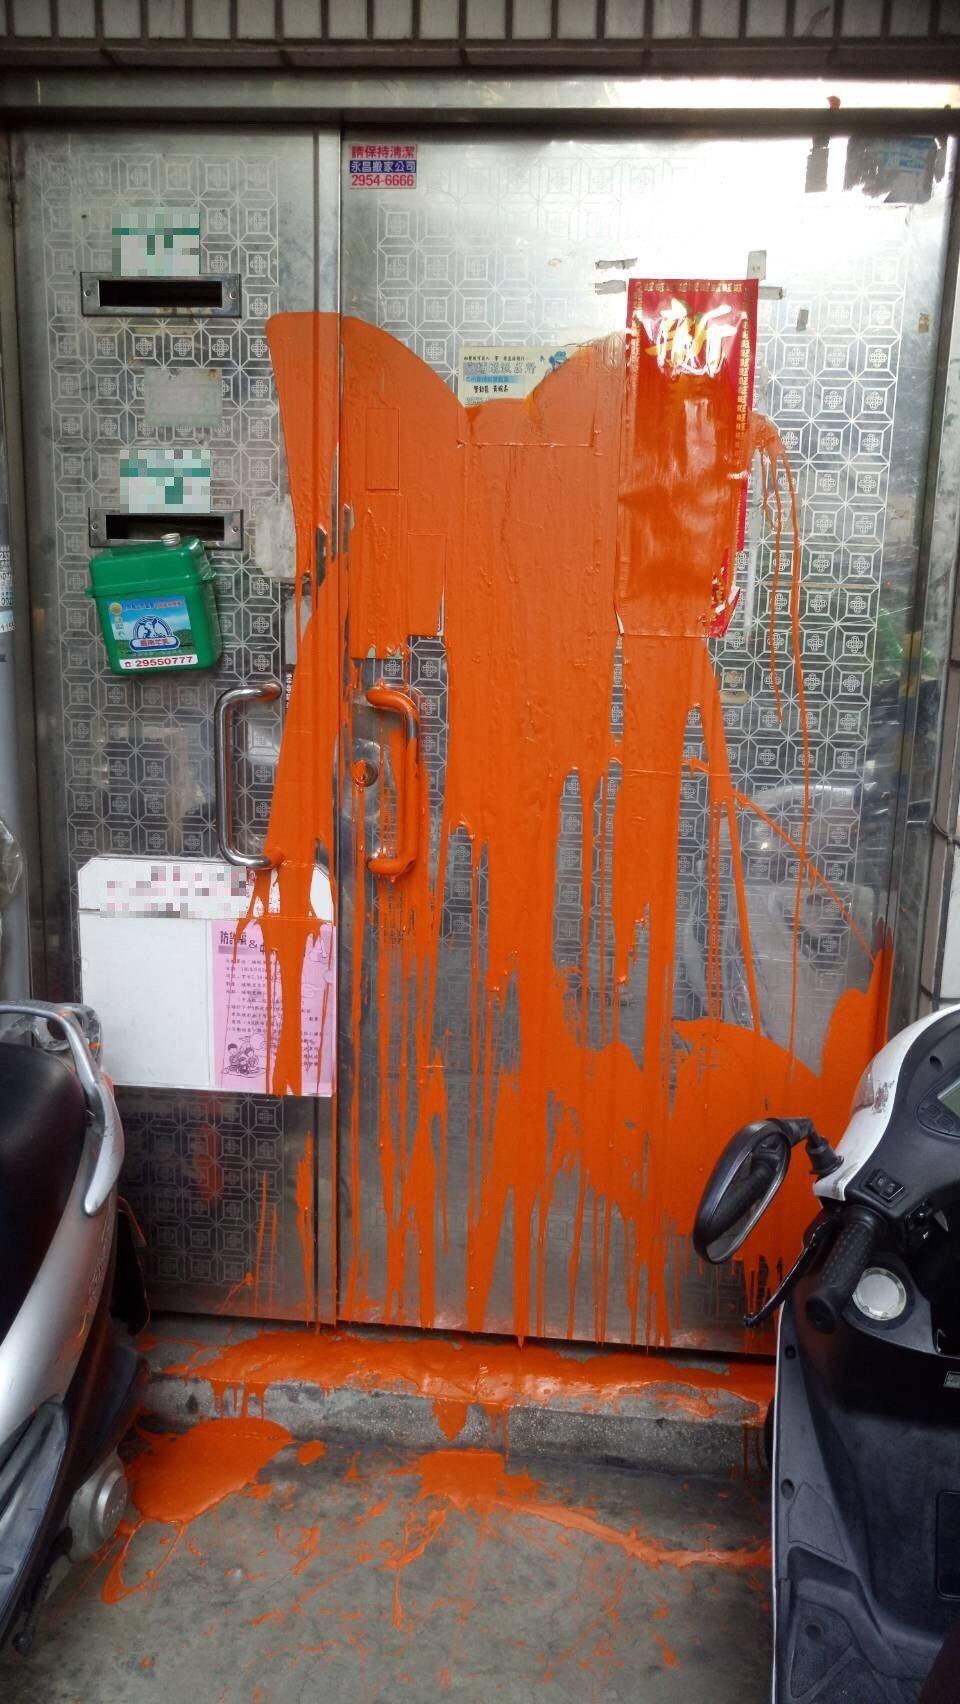 呂嫌雇人去前女友的親屬家門潑漆搞破壞。 記者林昭彰/翻攝